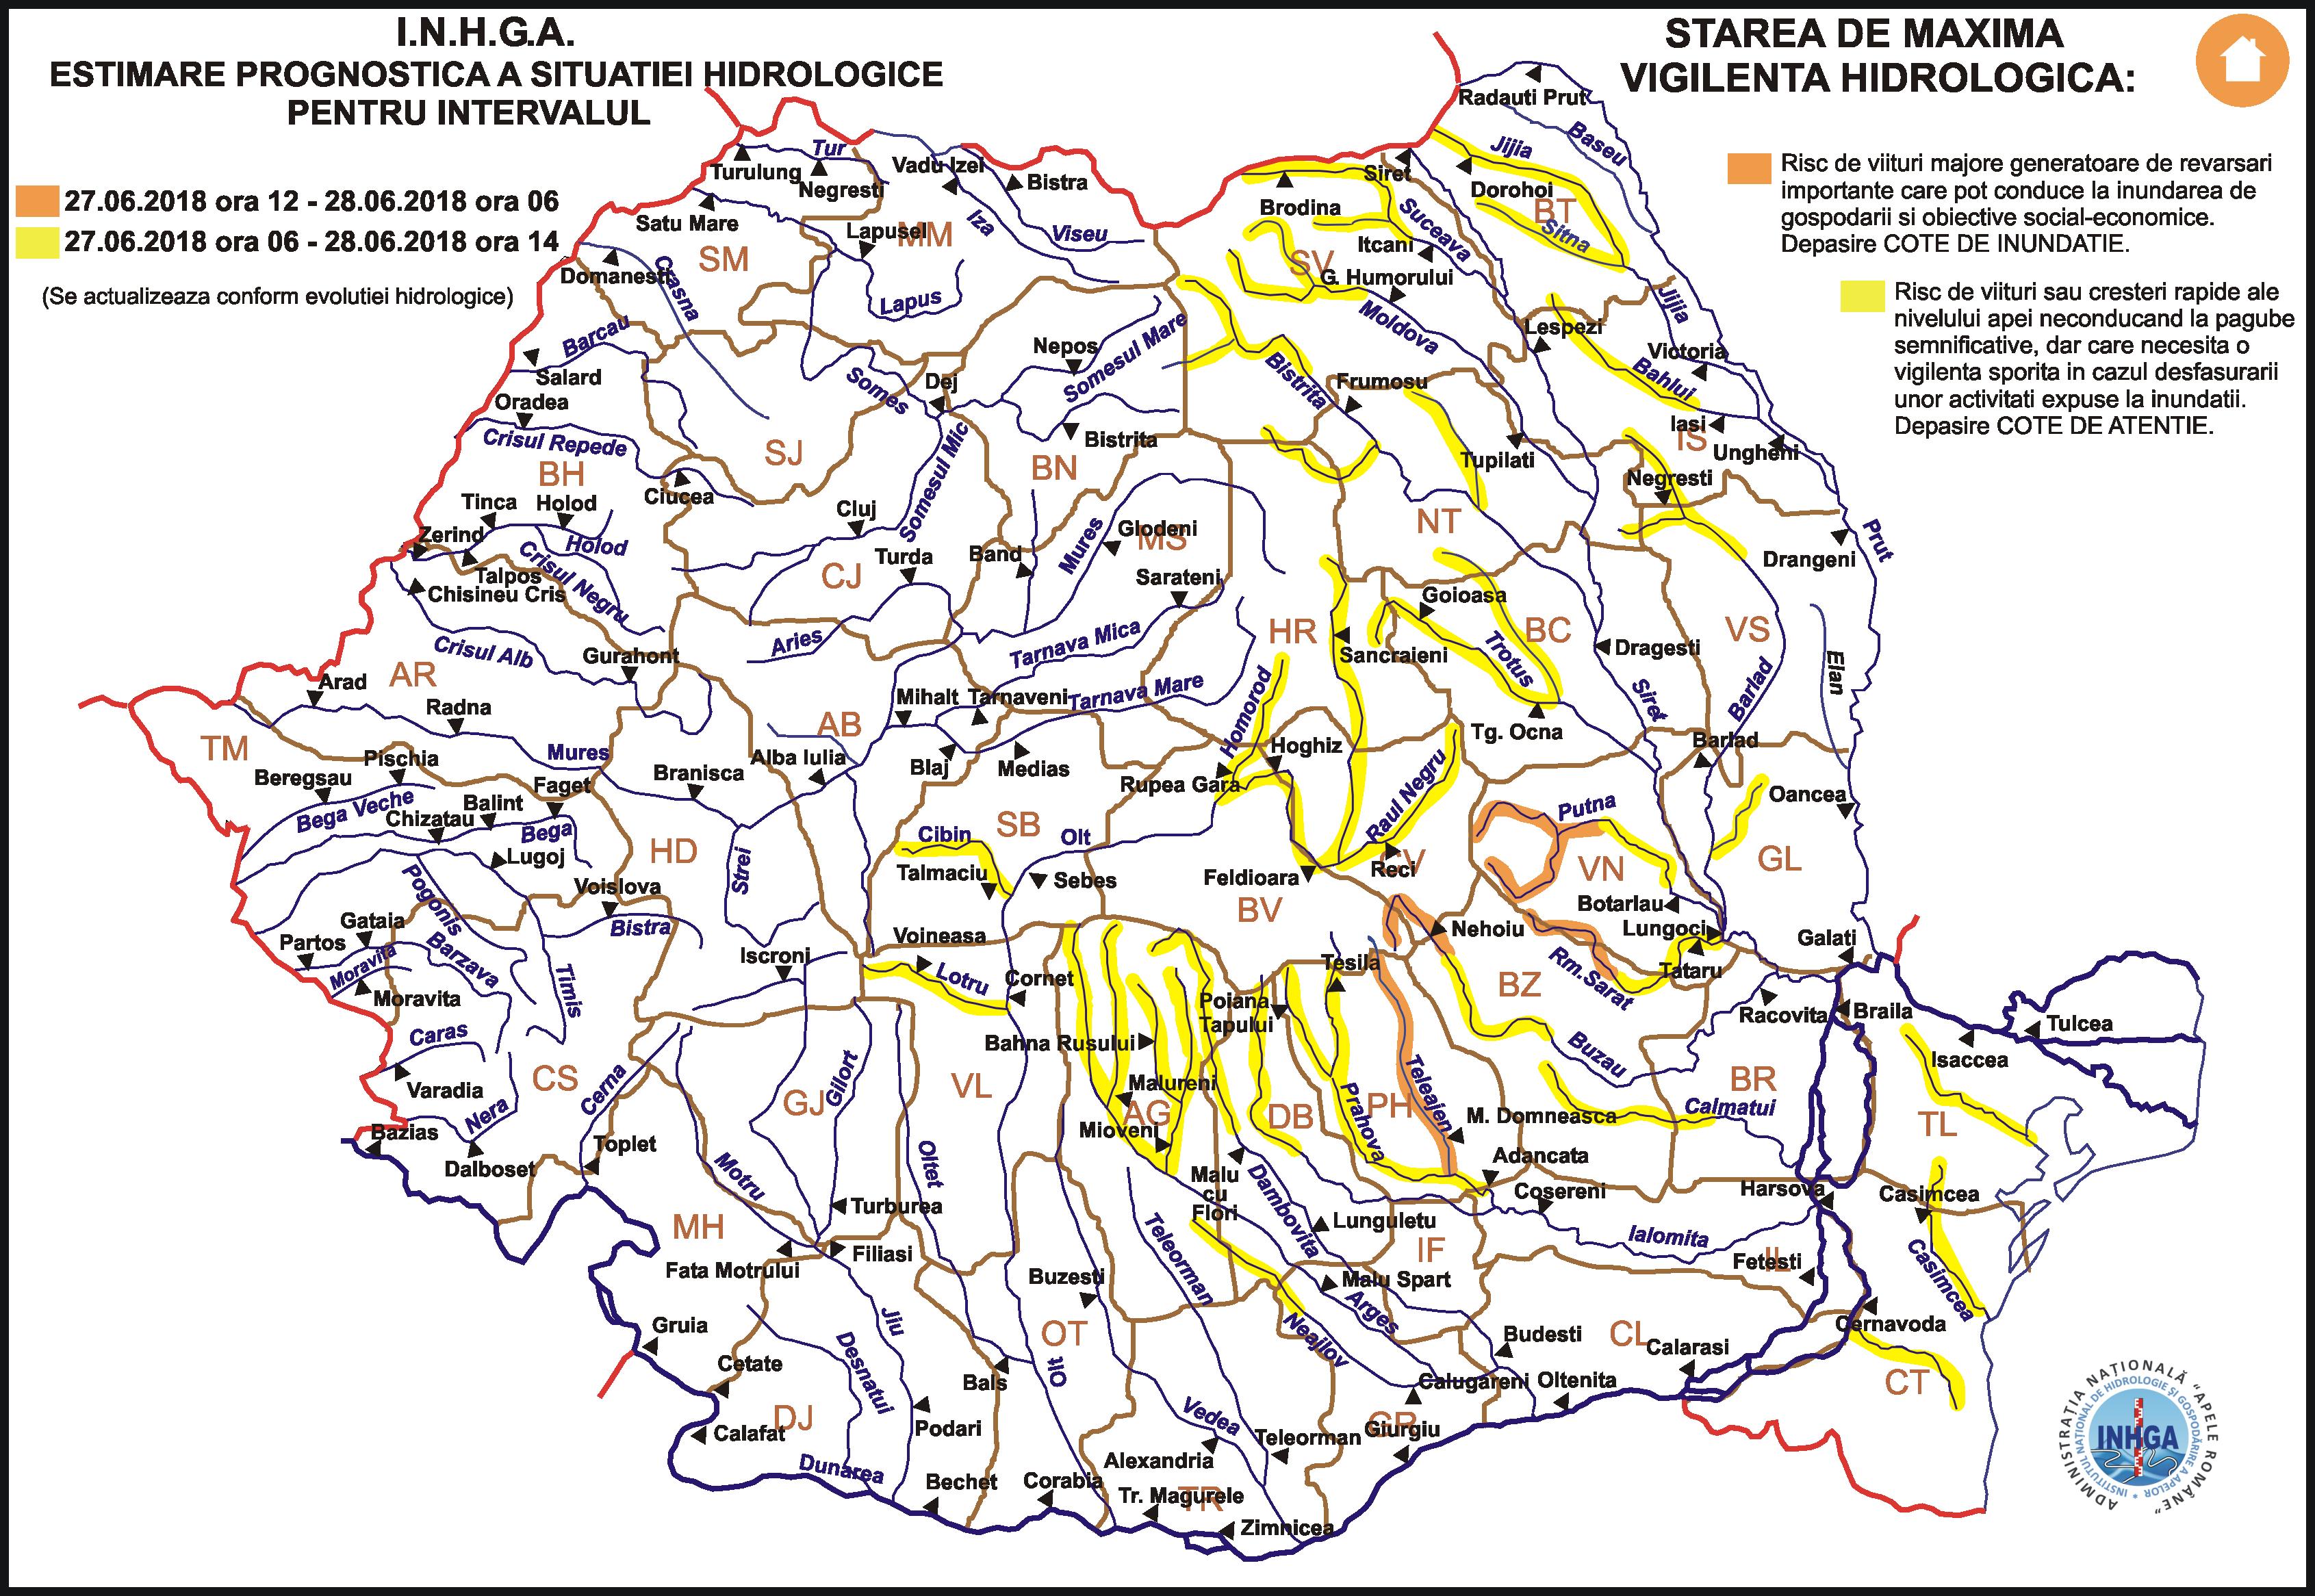 RISC de INUNDAȚII pe mai multe râuri din țară